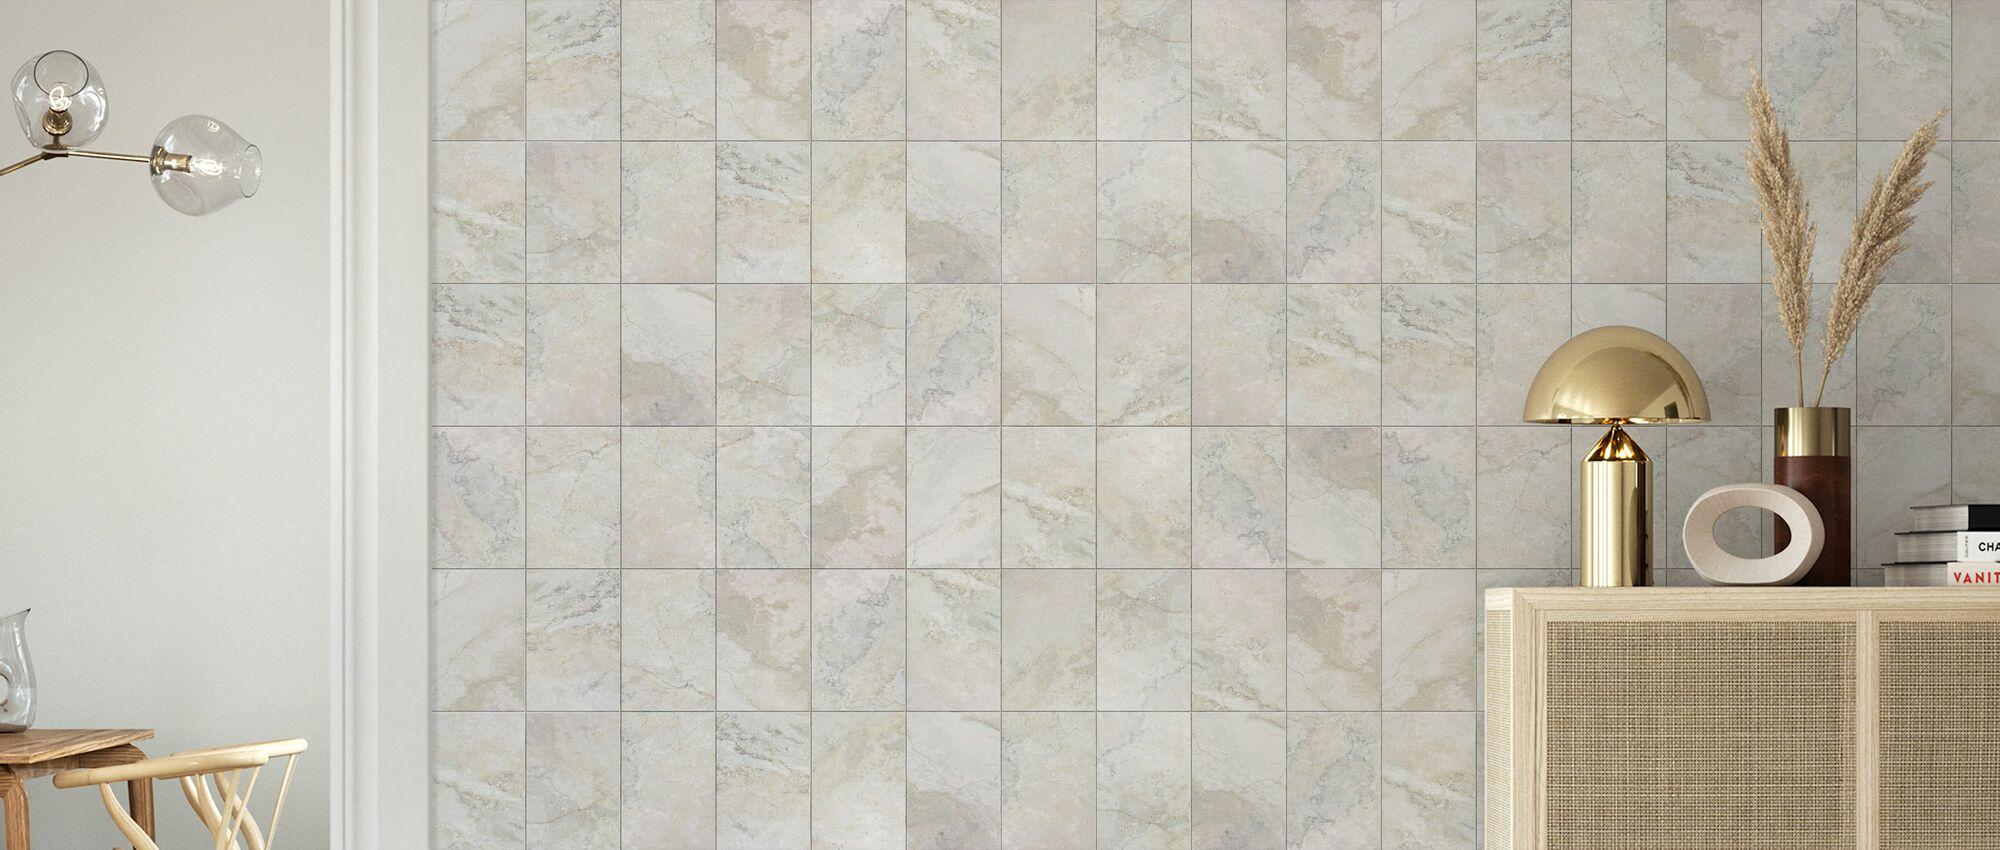 Seamless Marble Tiles - Wallpaper - Living Room